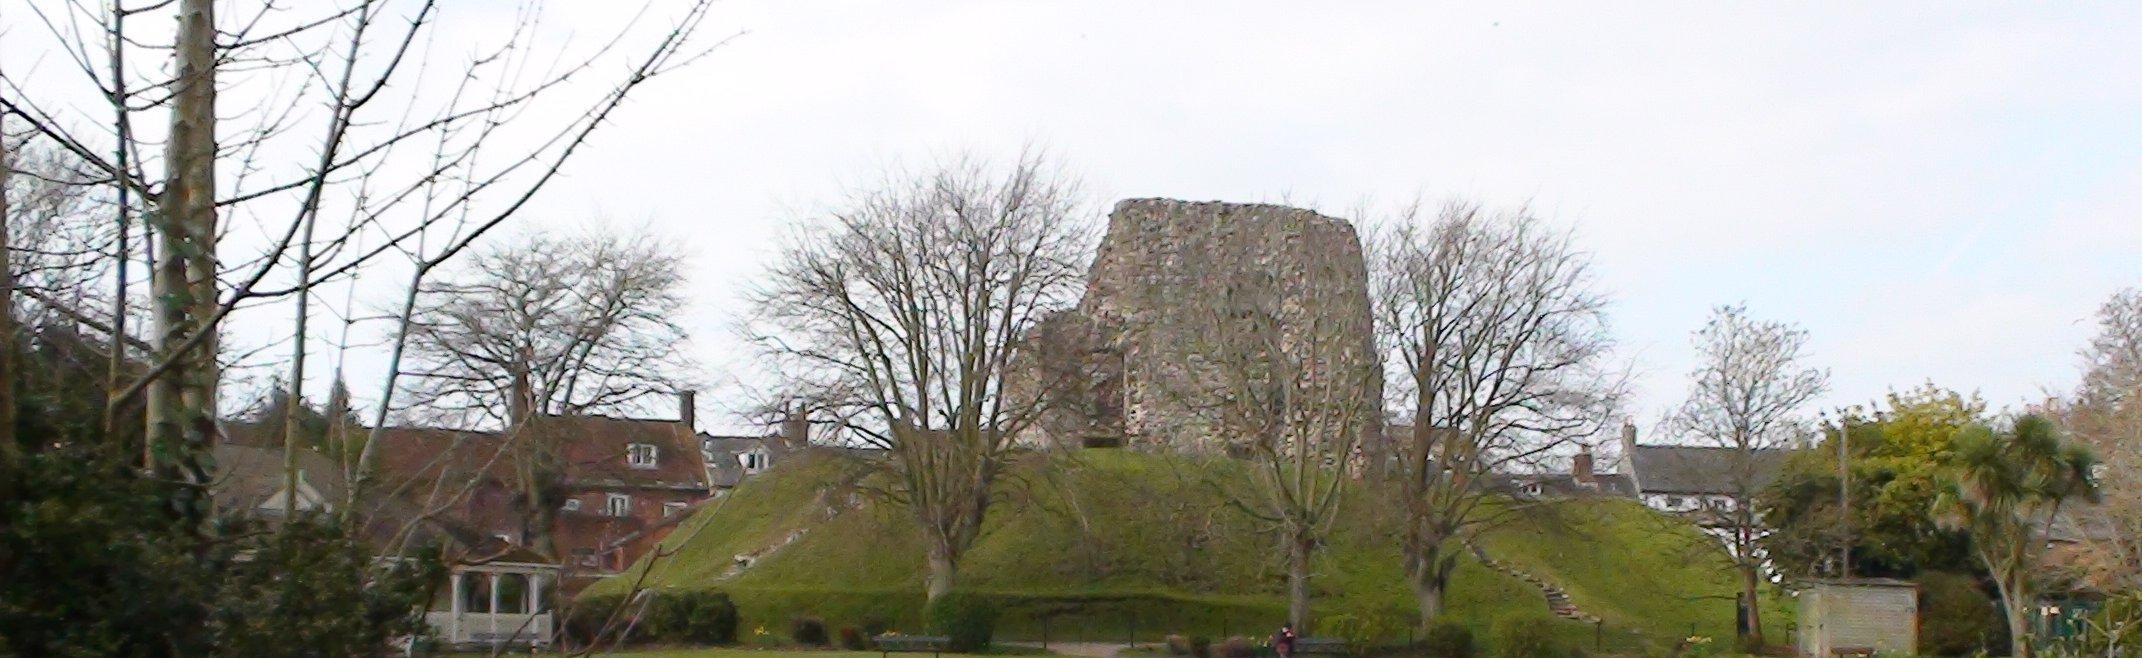 Christchurch Castle 2